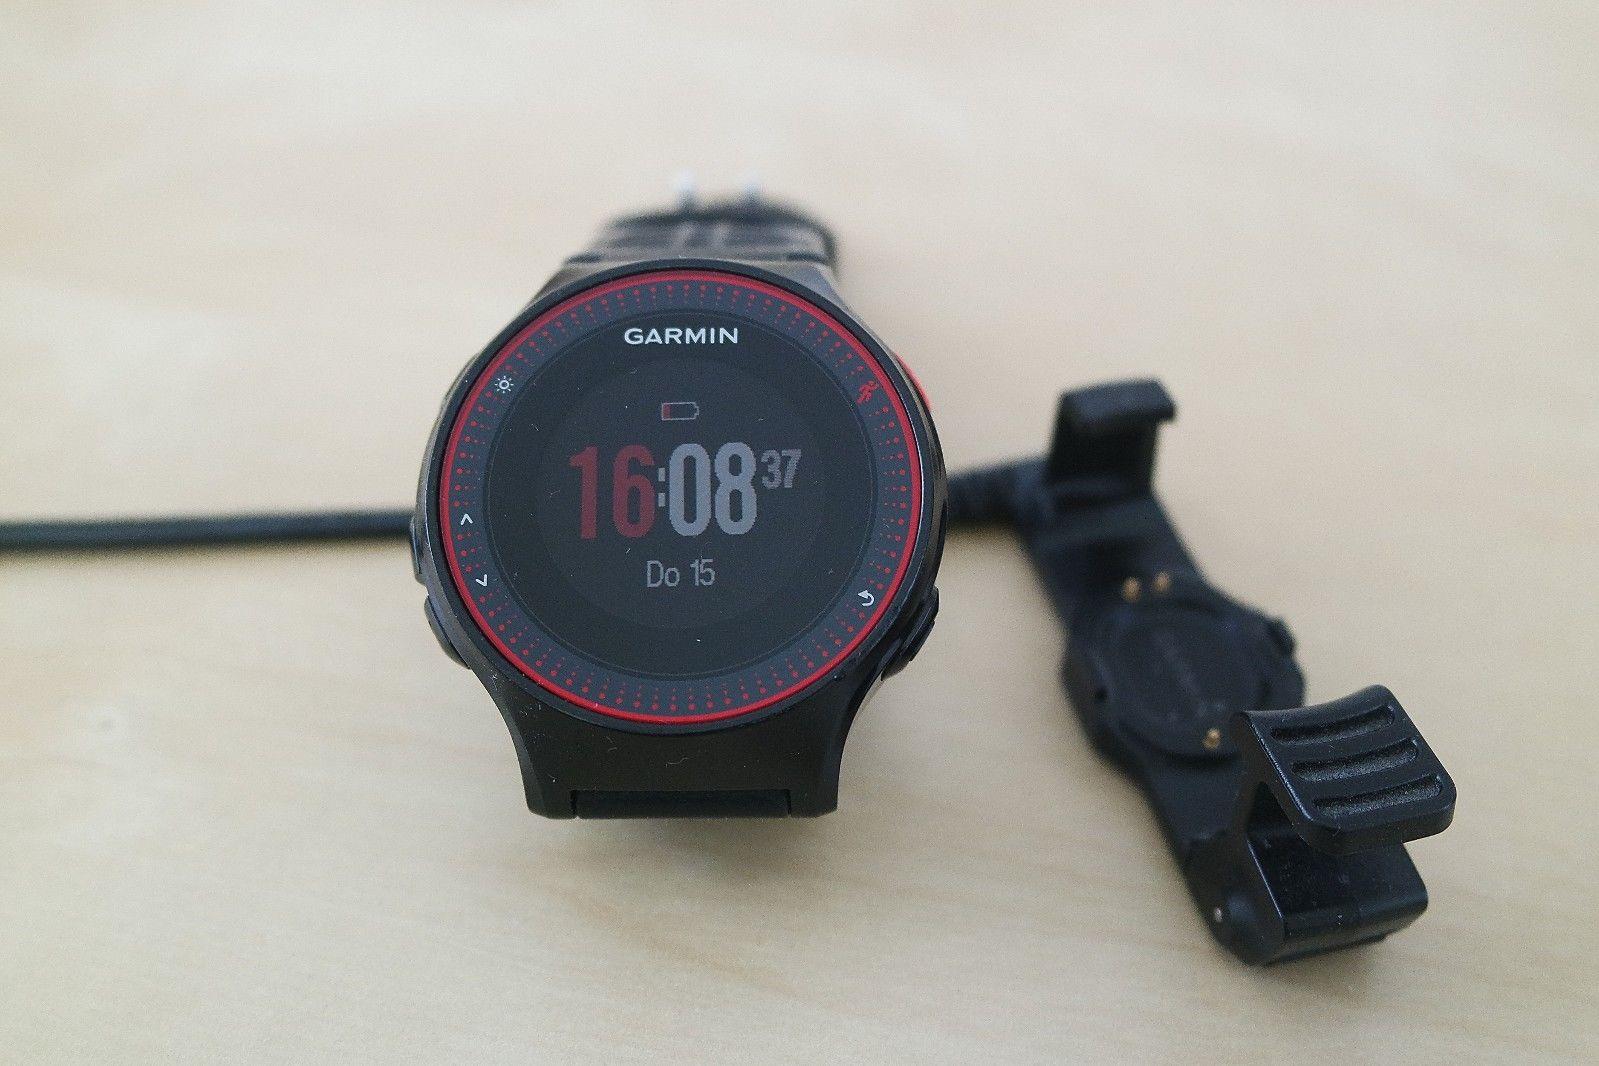 Garmin GPS Laufuhr Forerunner 225 Pulsmessung am Handgelenk Refurbished schwarz